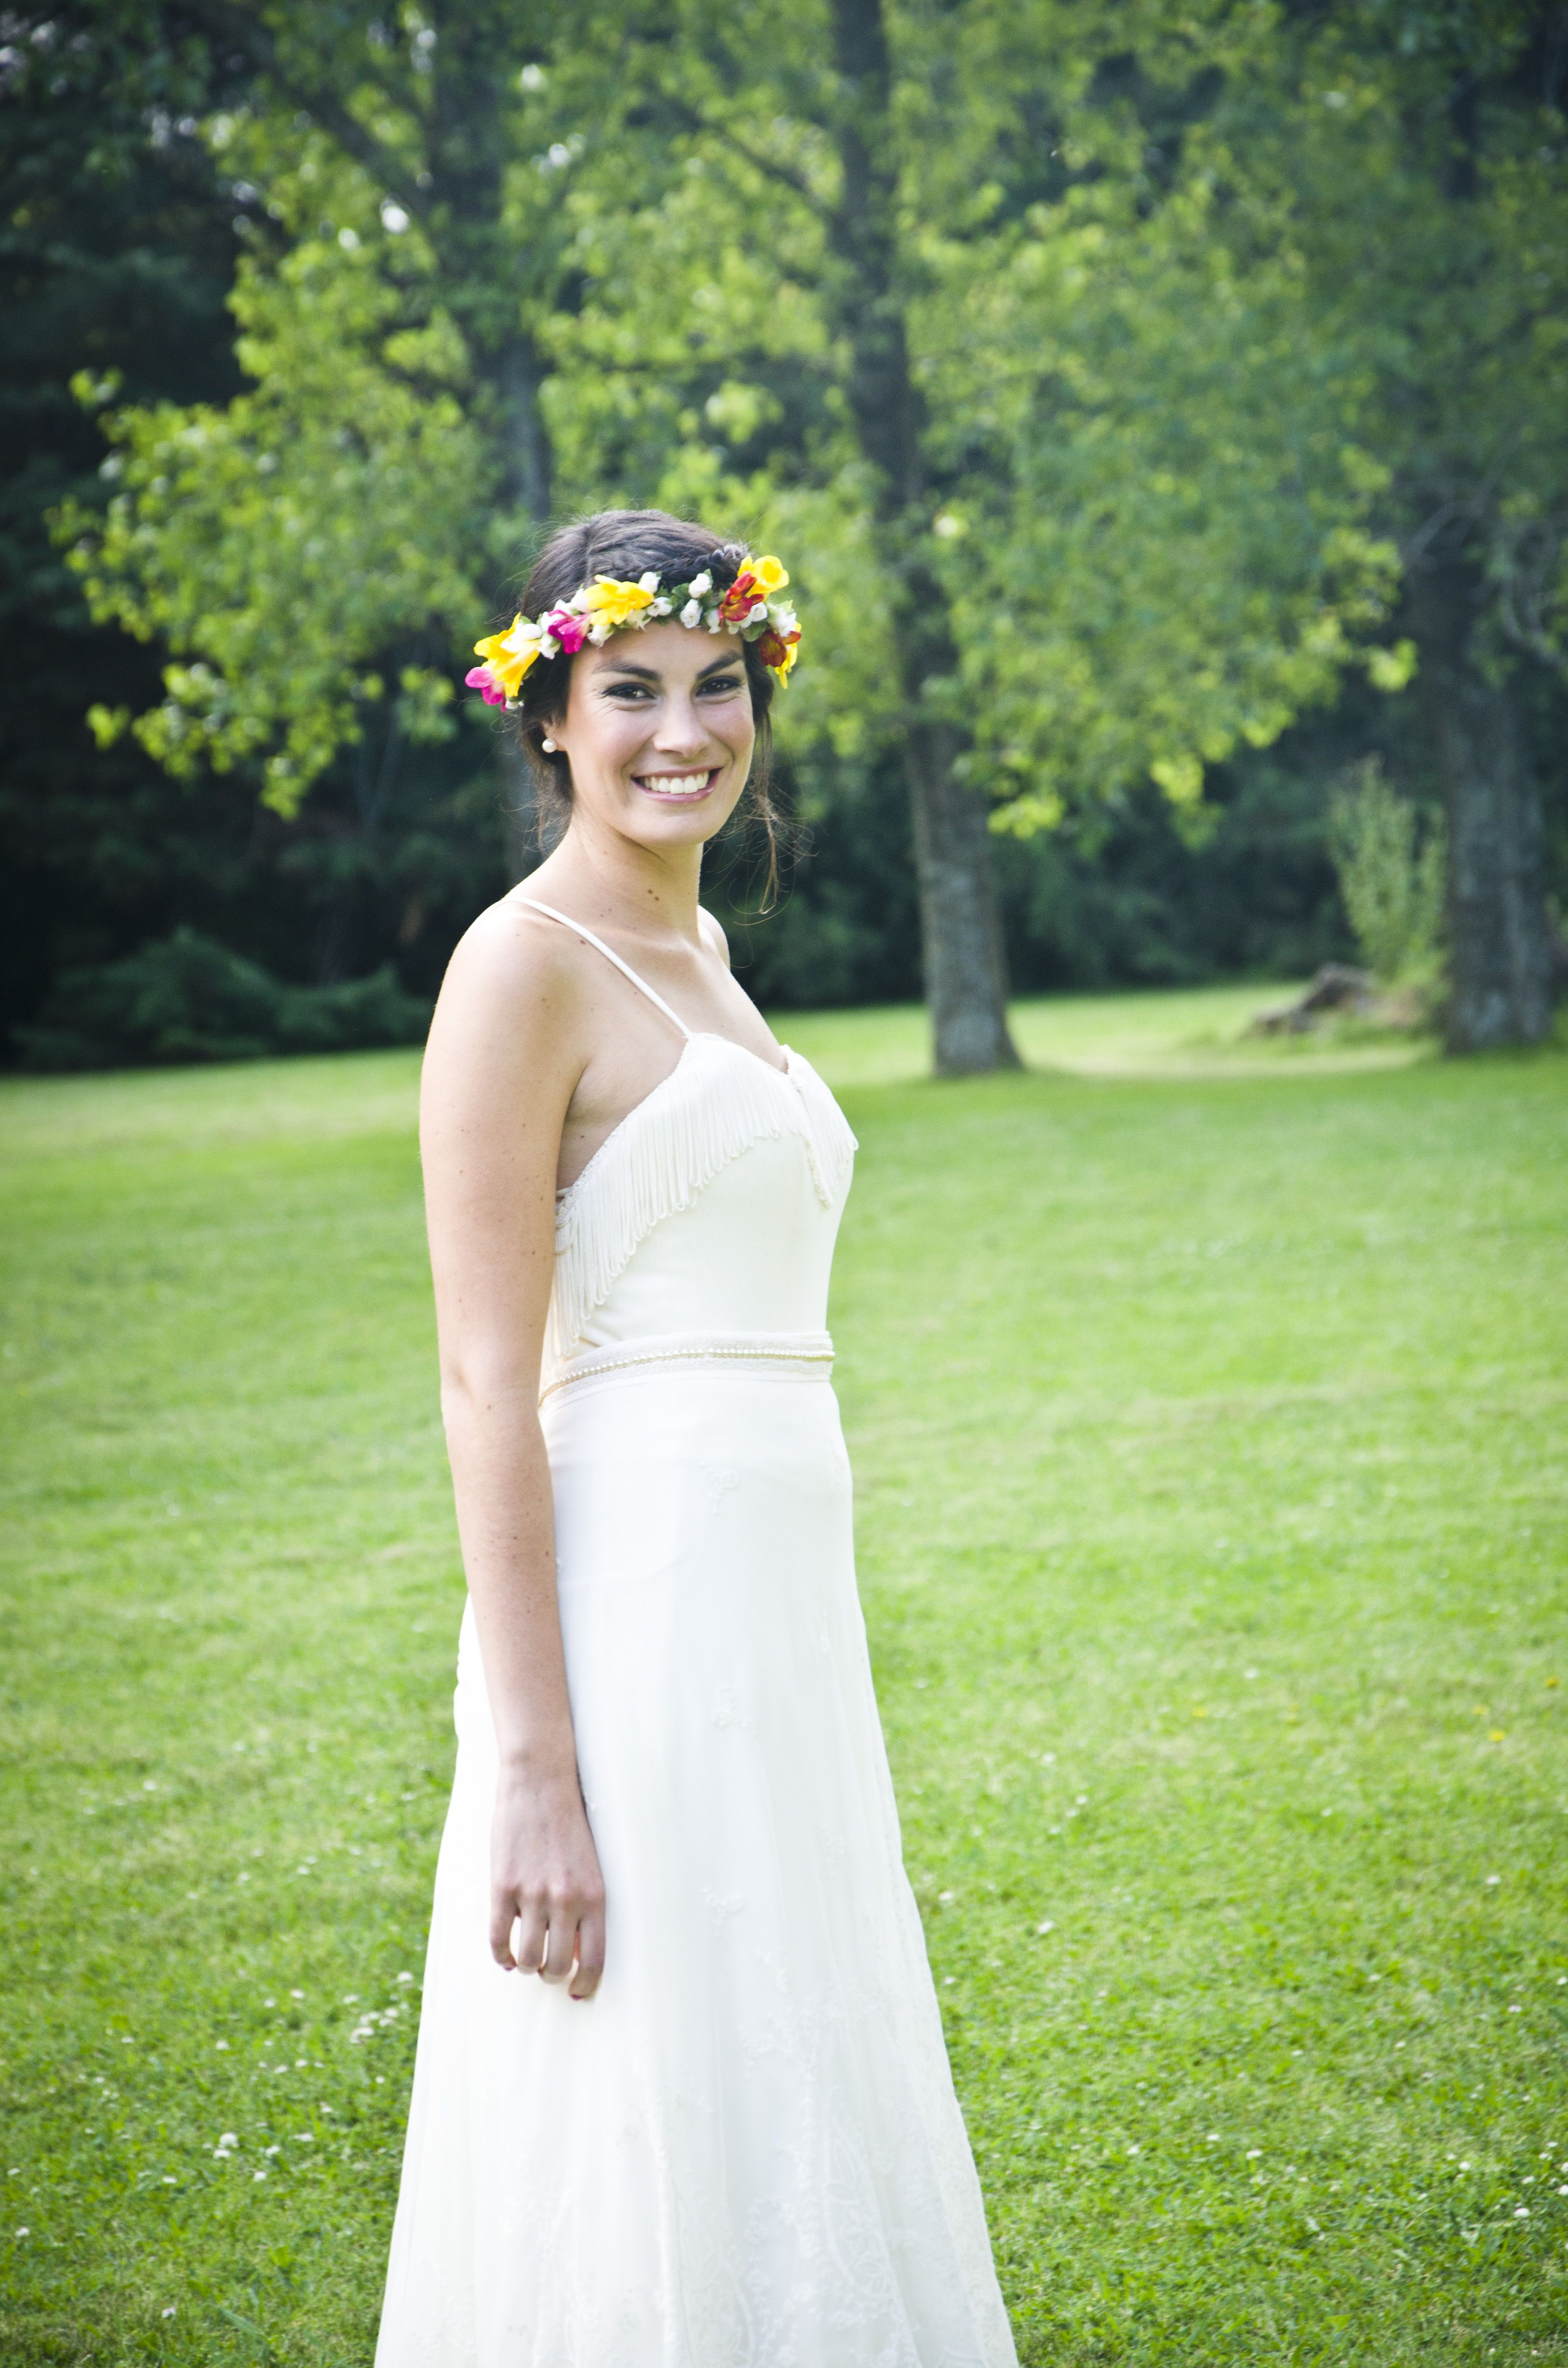 Vestido de novia romántico para tu casamiento, corona de flores ...